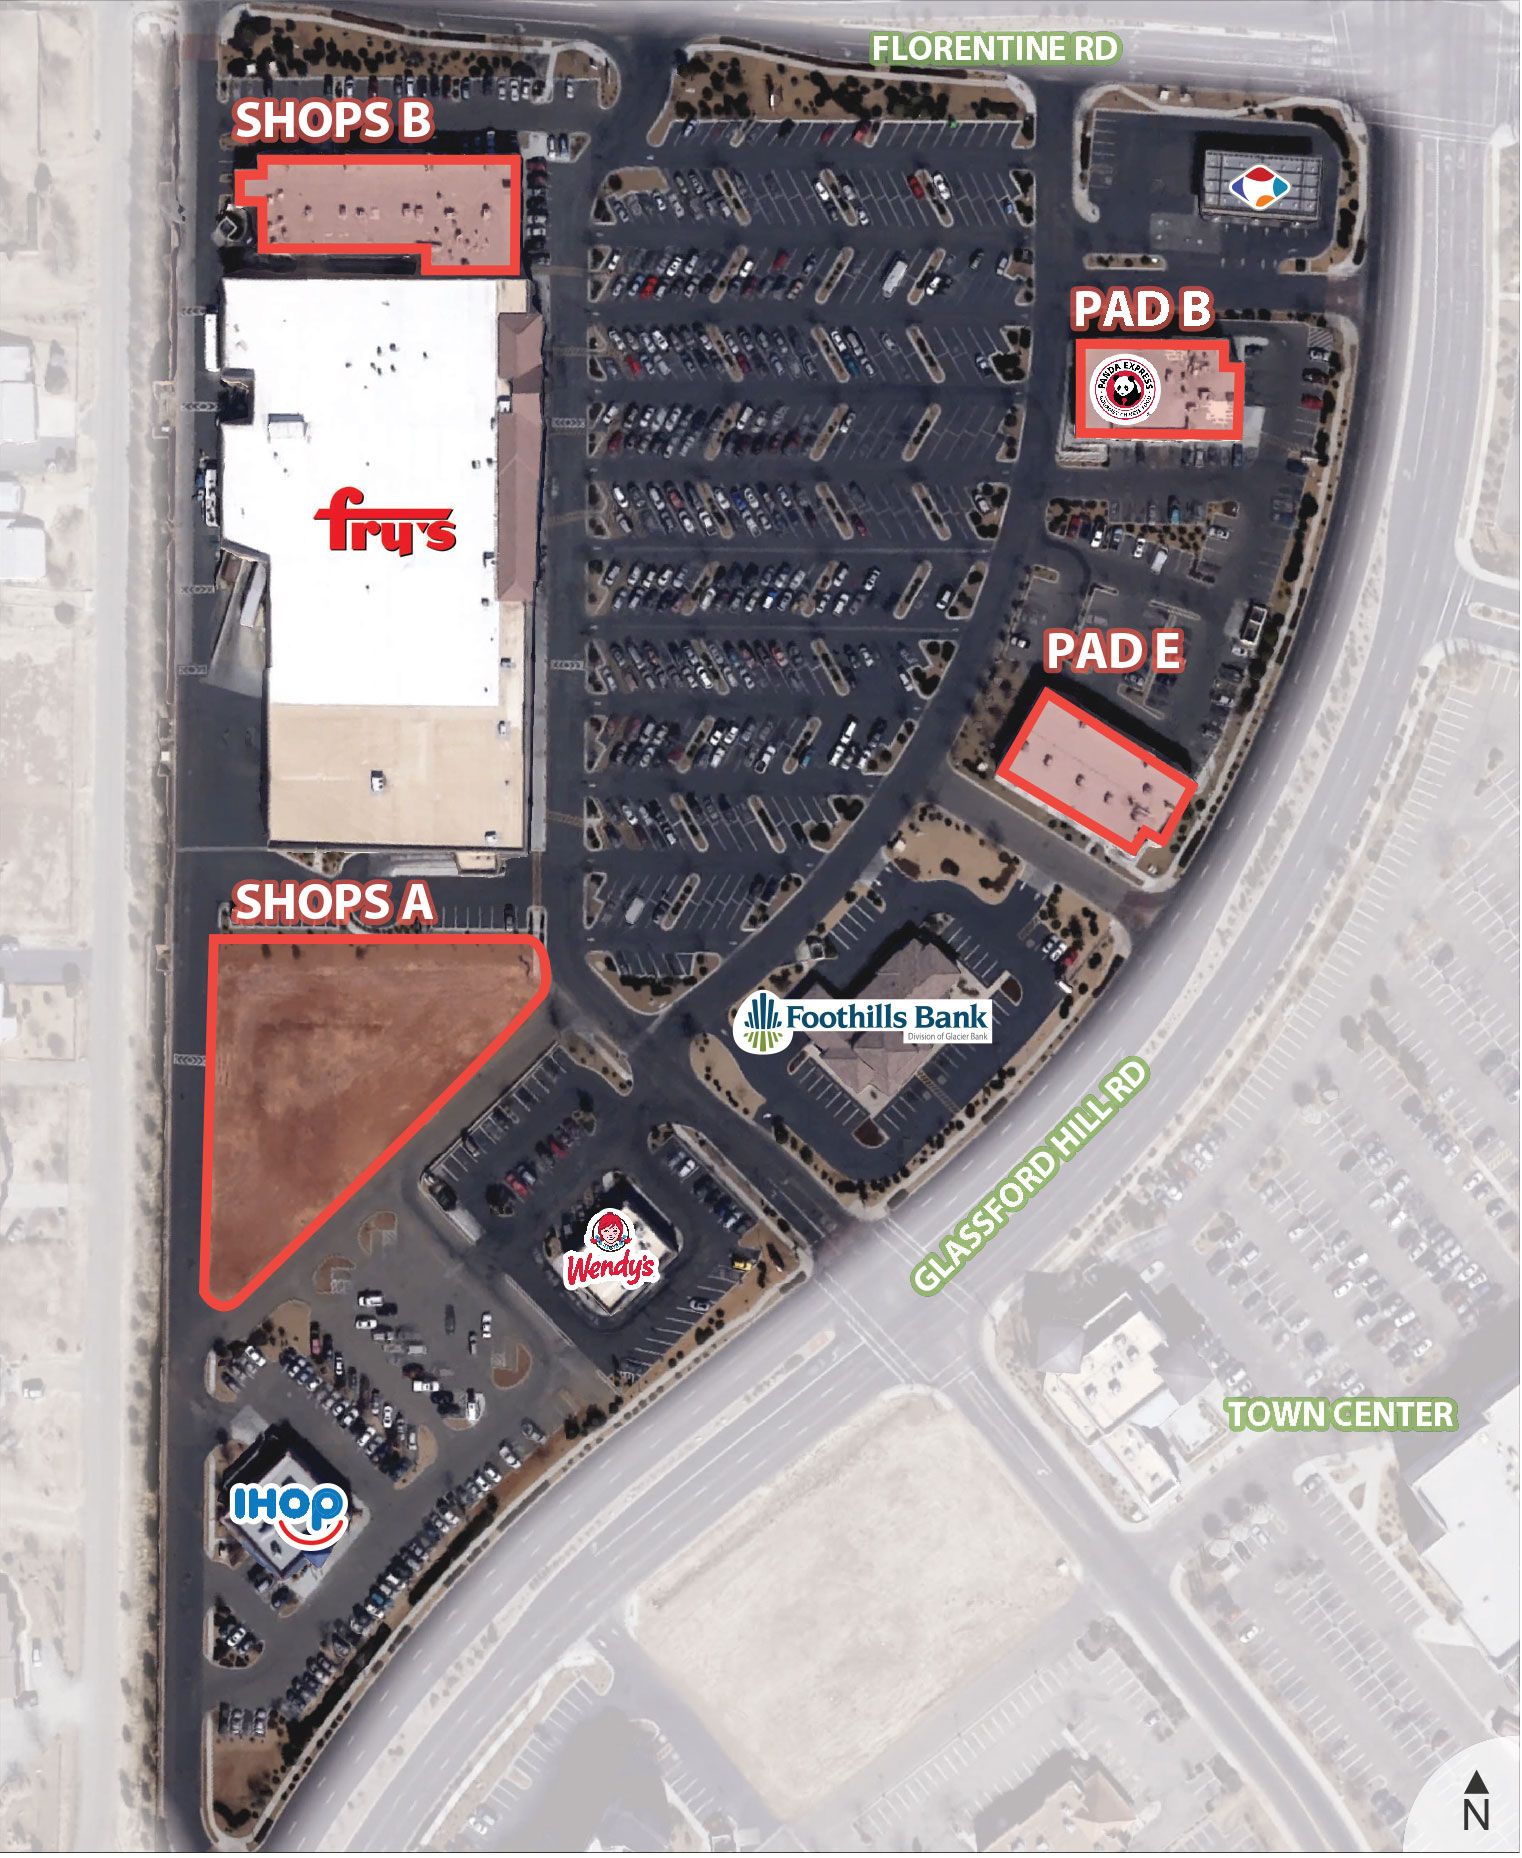 Frys-Neighborhood-Center-Overview